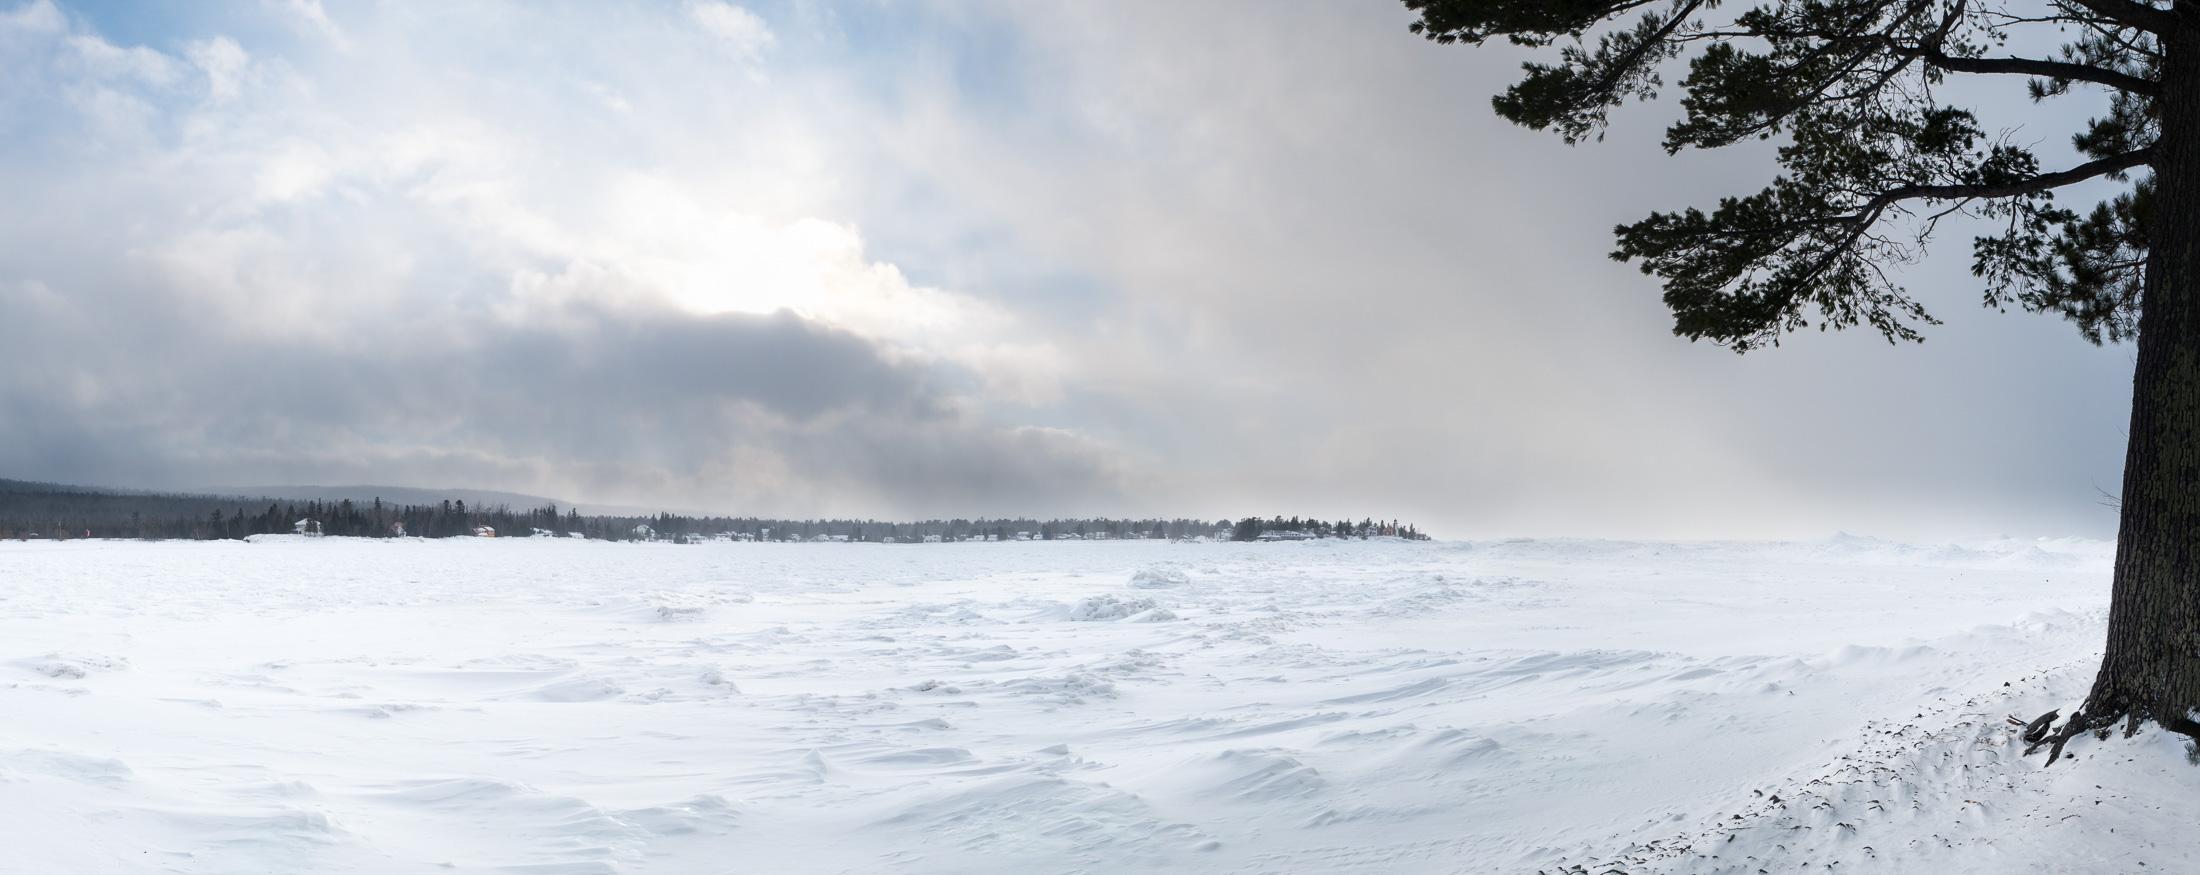 Eagle Harbor, Winter 2015